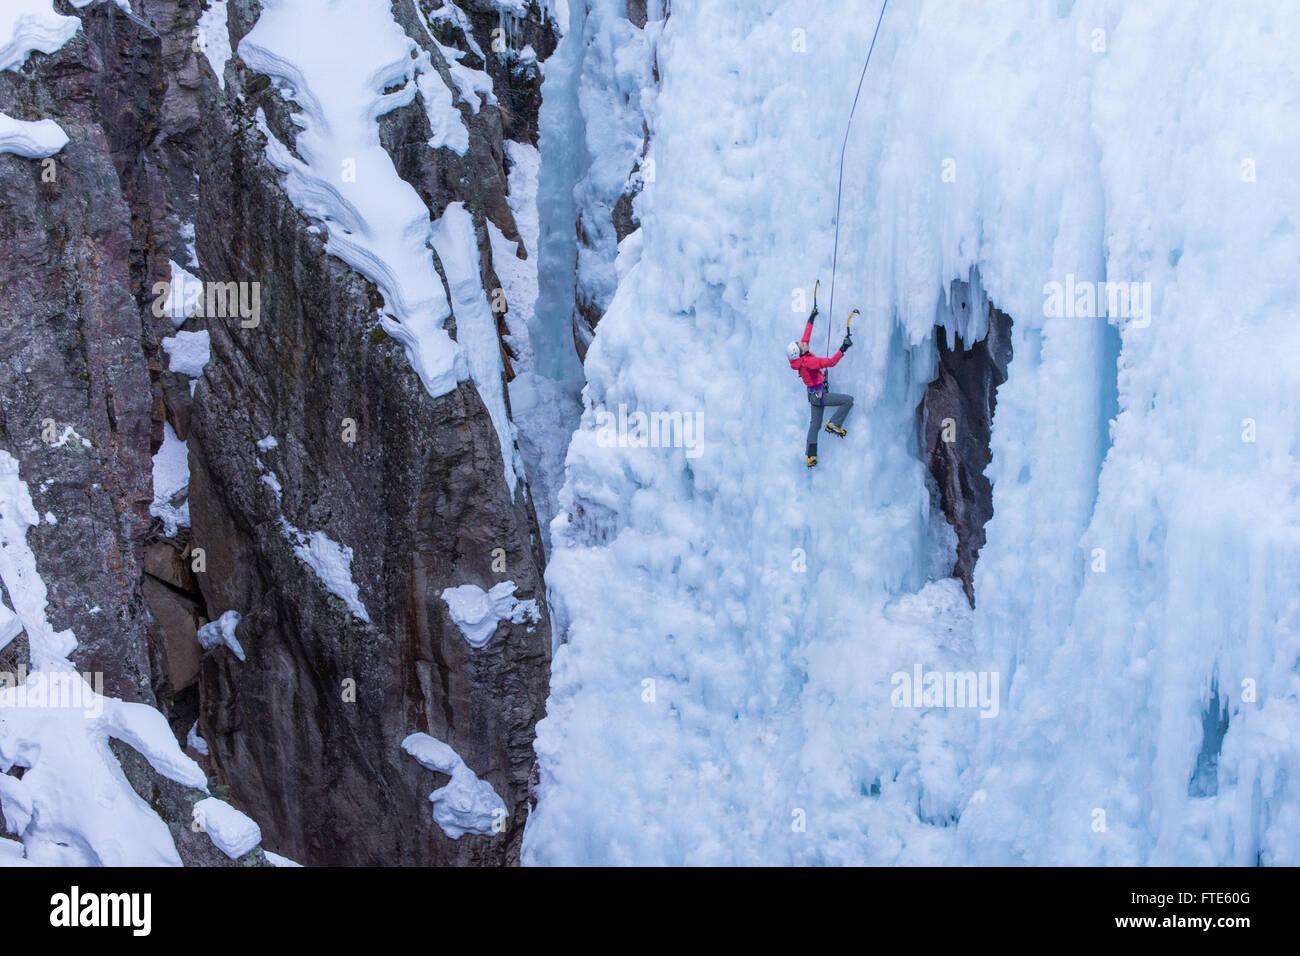 Grimpeur sur glace escalade un itinéraire appelé Pick o' Vic qui est coté WI4 à Ouray Colorado Photo Stock